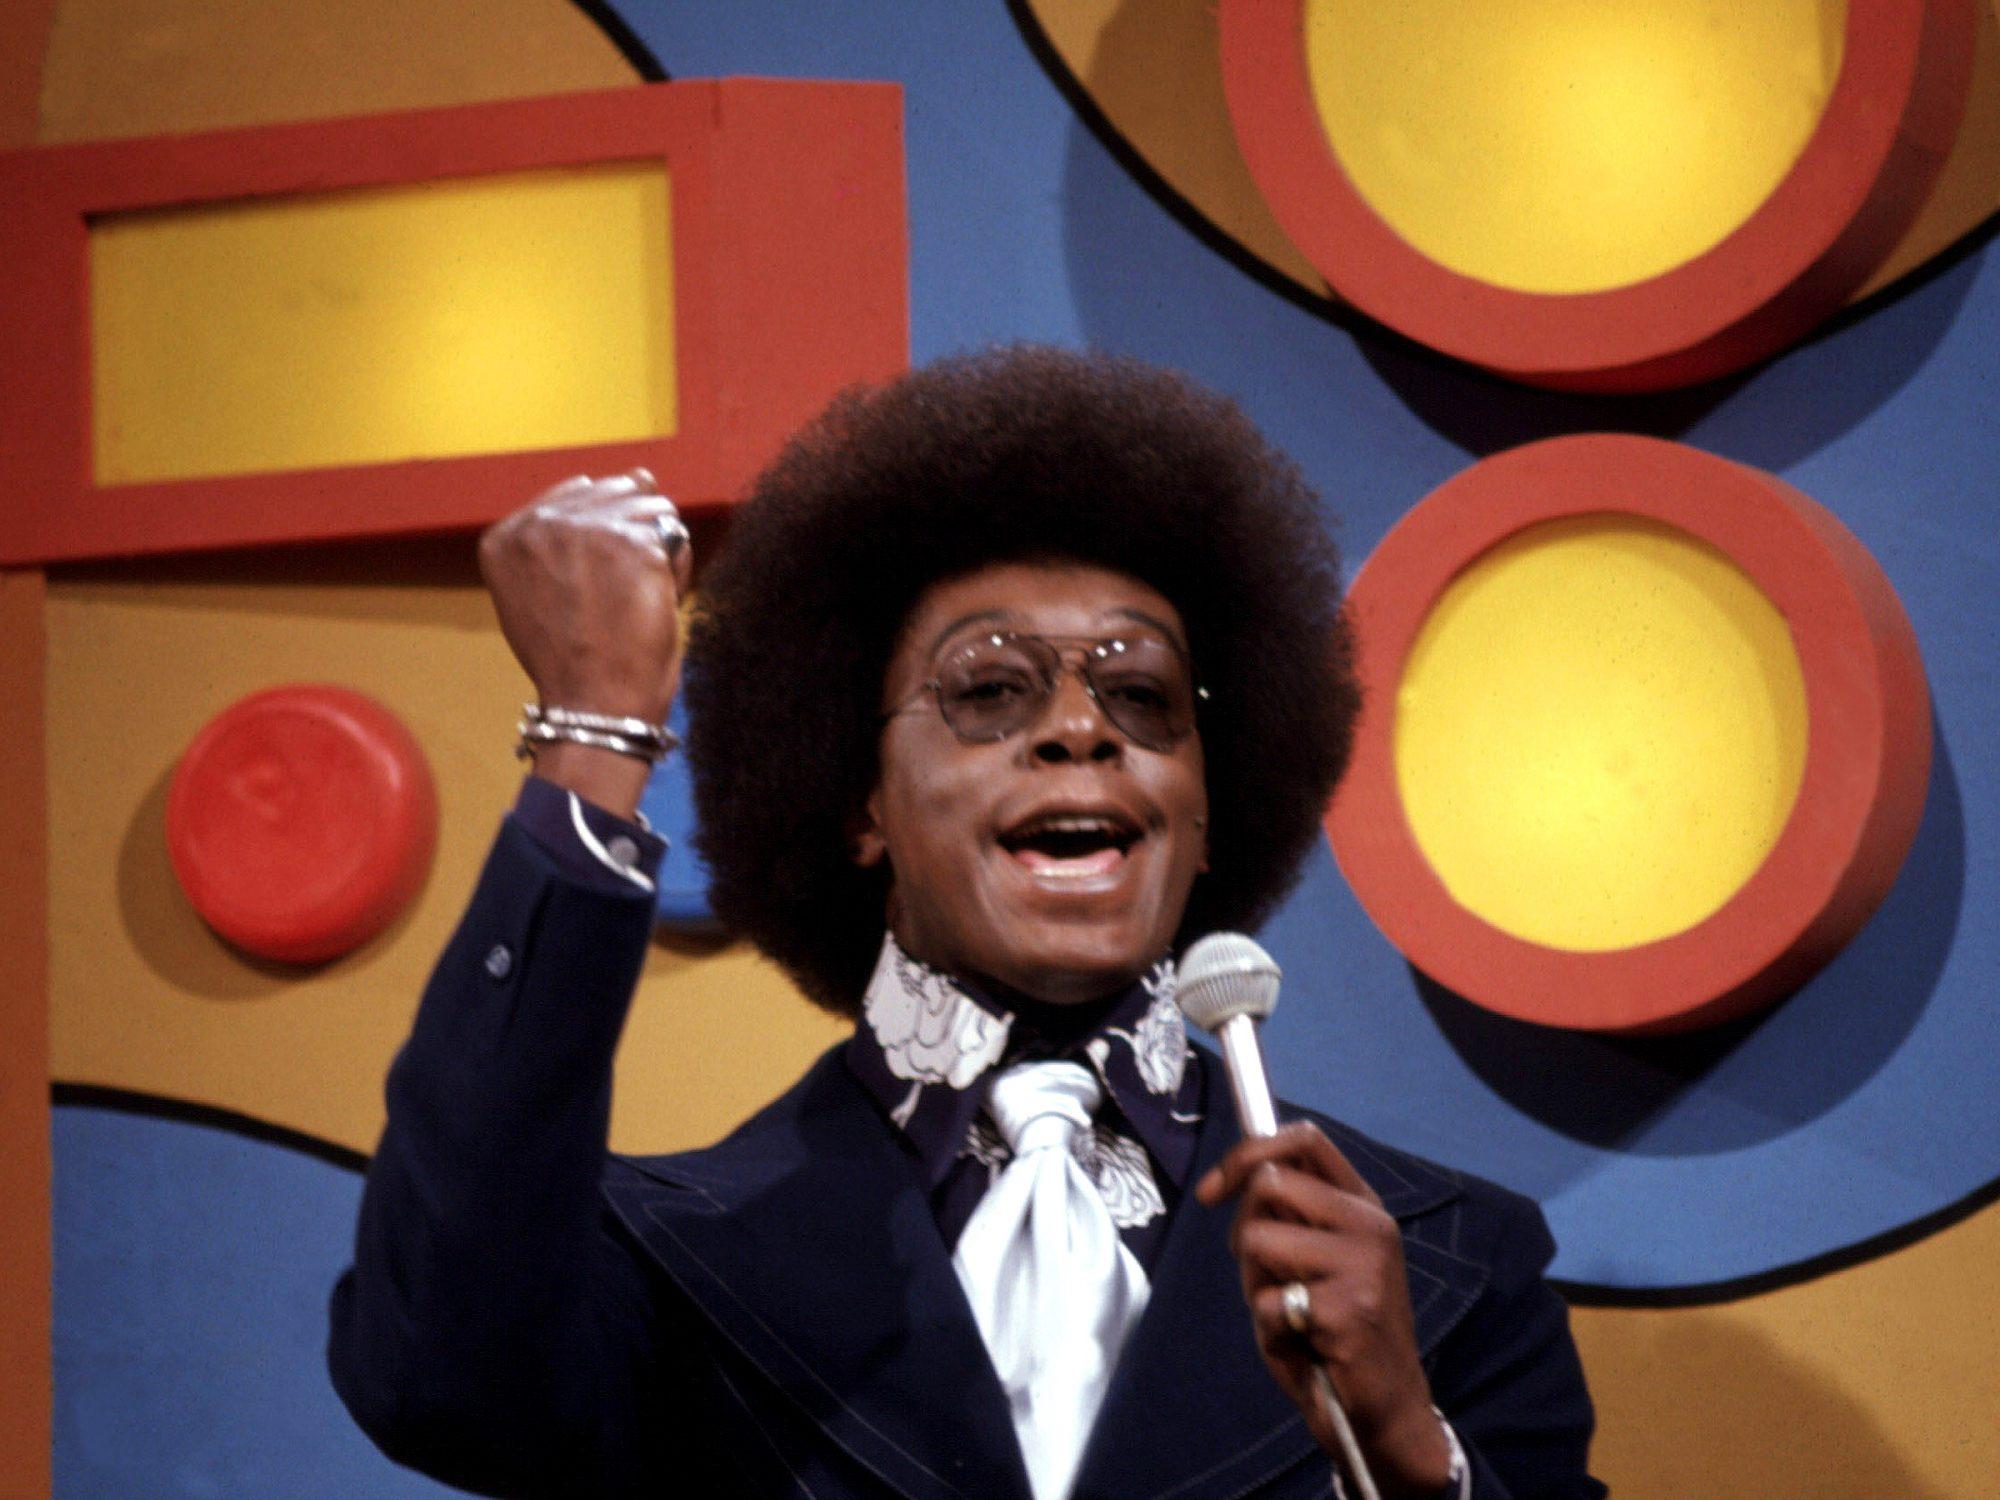 SOUL TRAIN, host Don Cornelius, circa mid 70's, 1971-